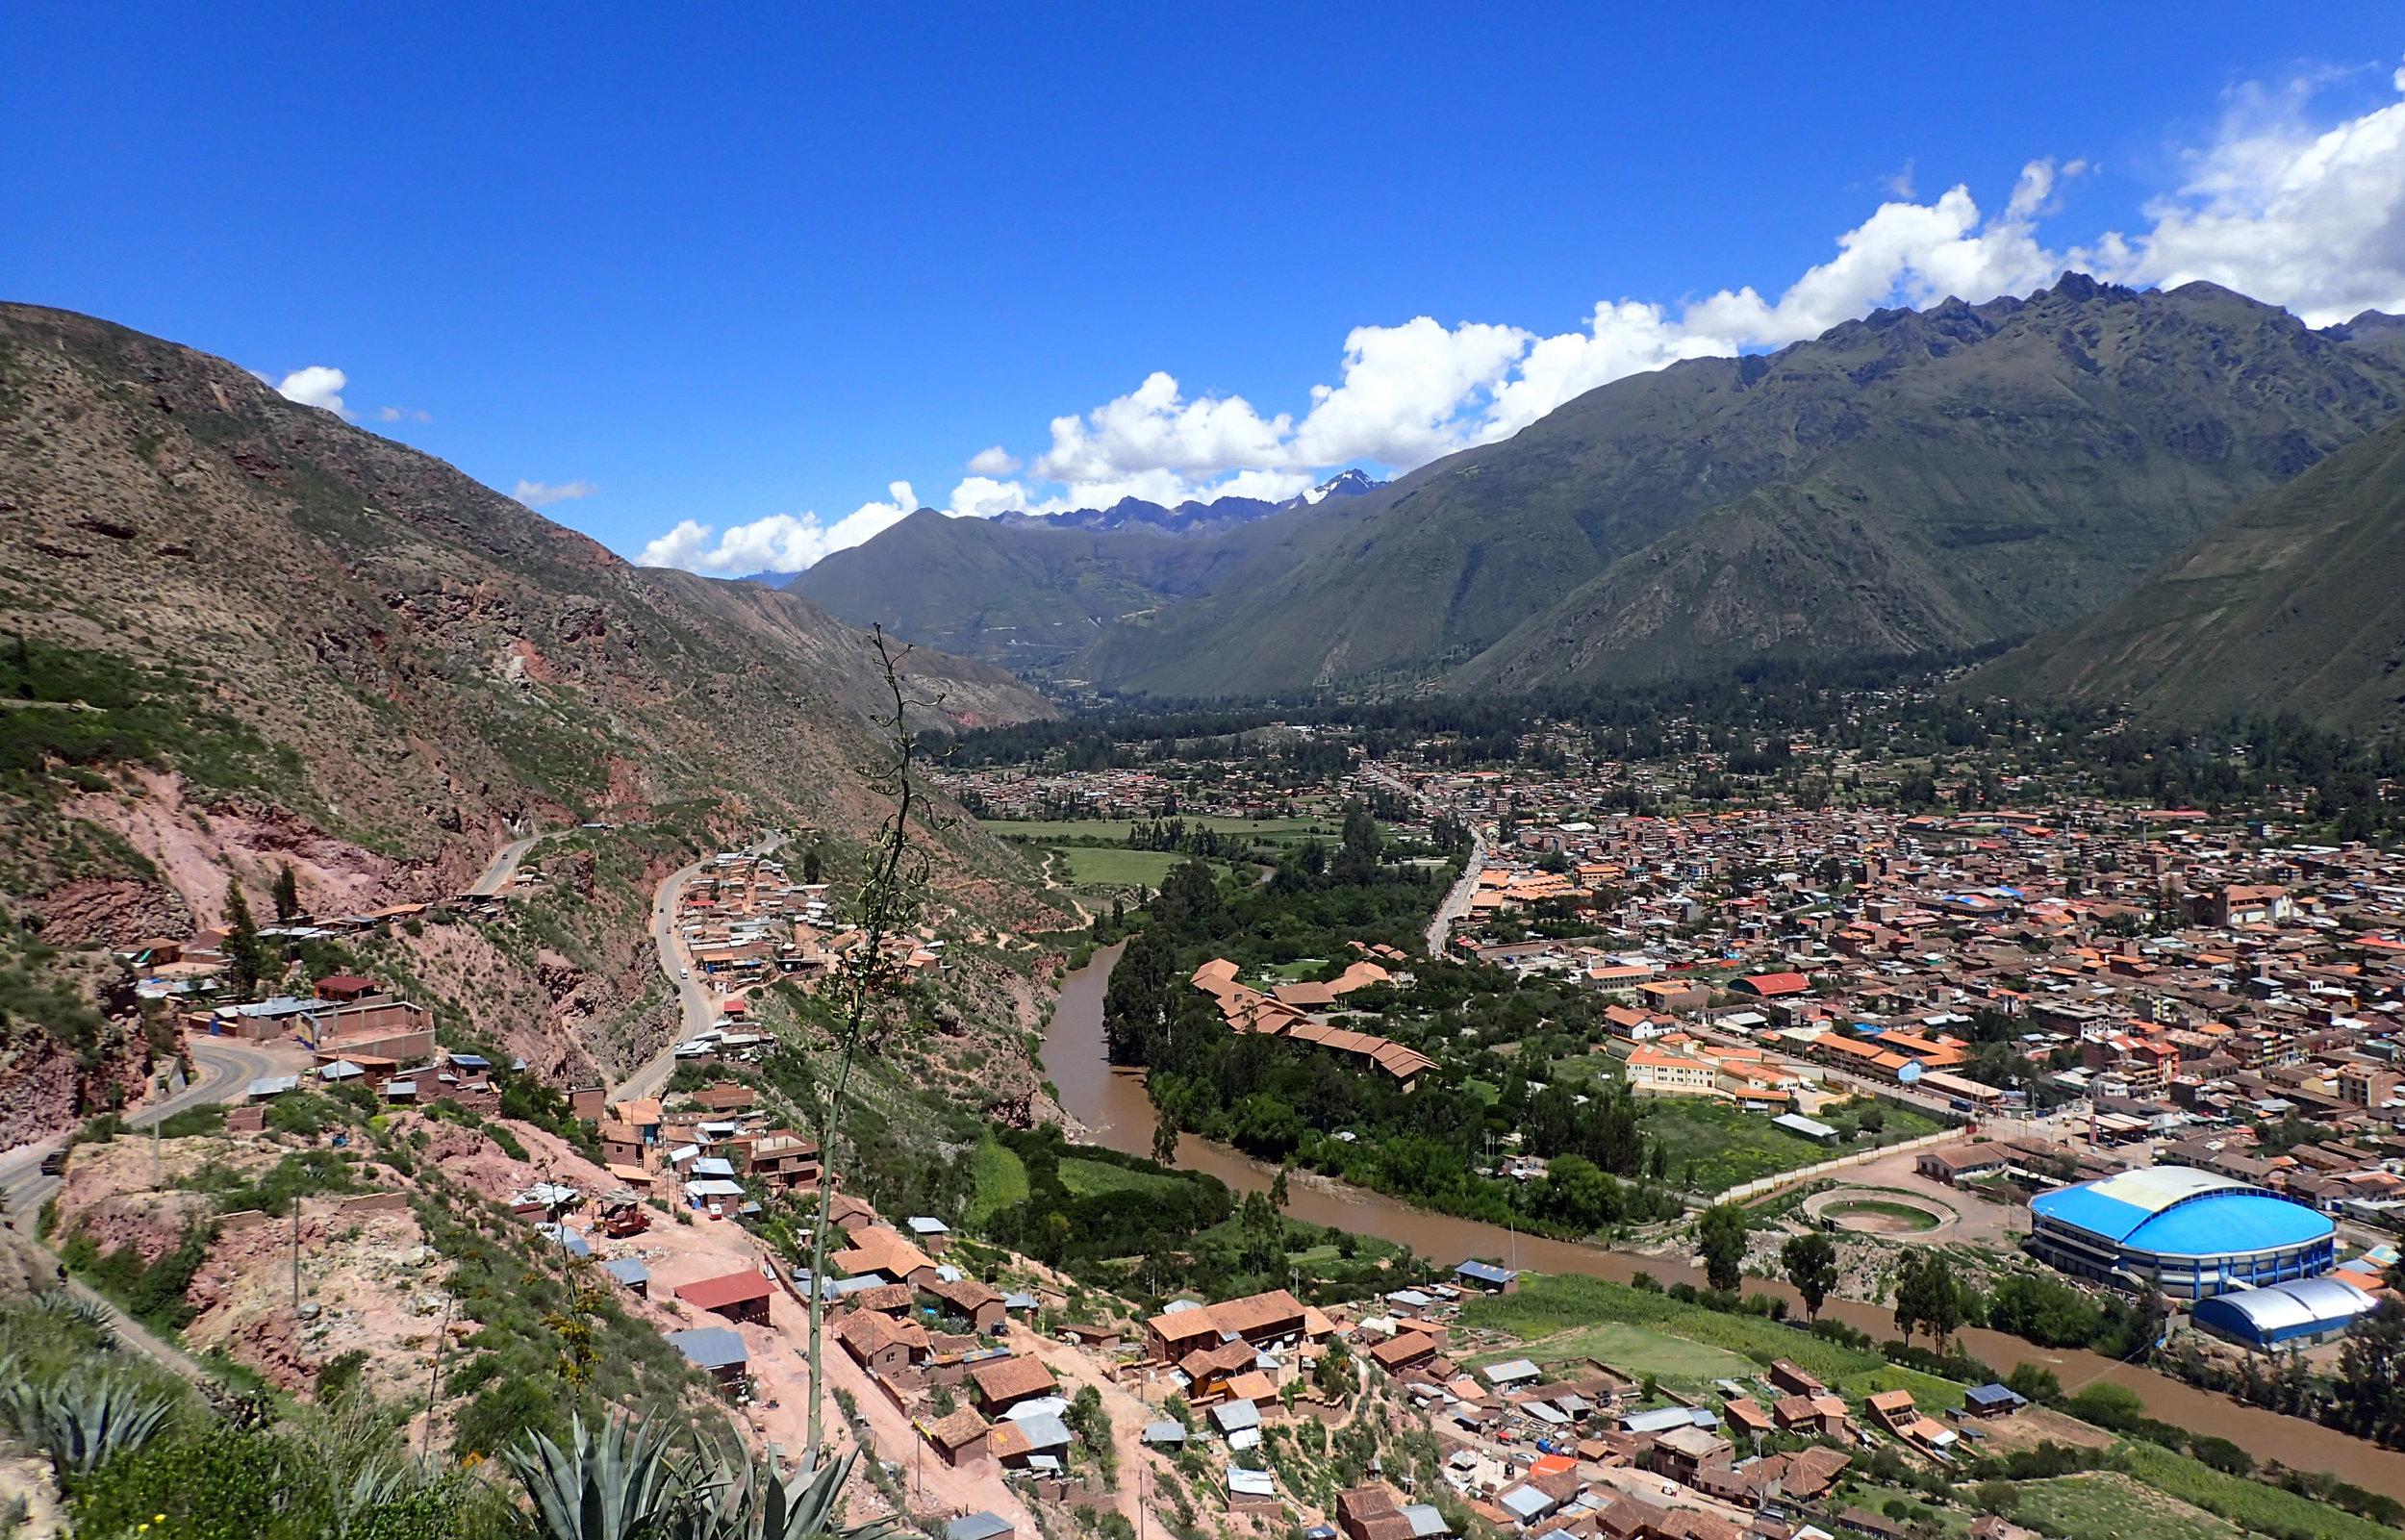 Urubamba town and river.jpg